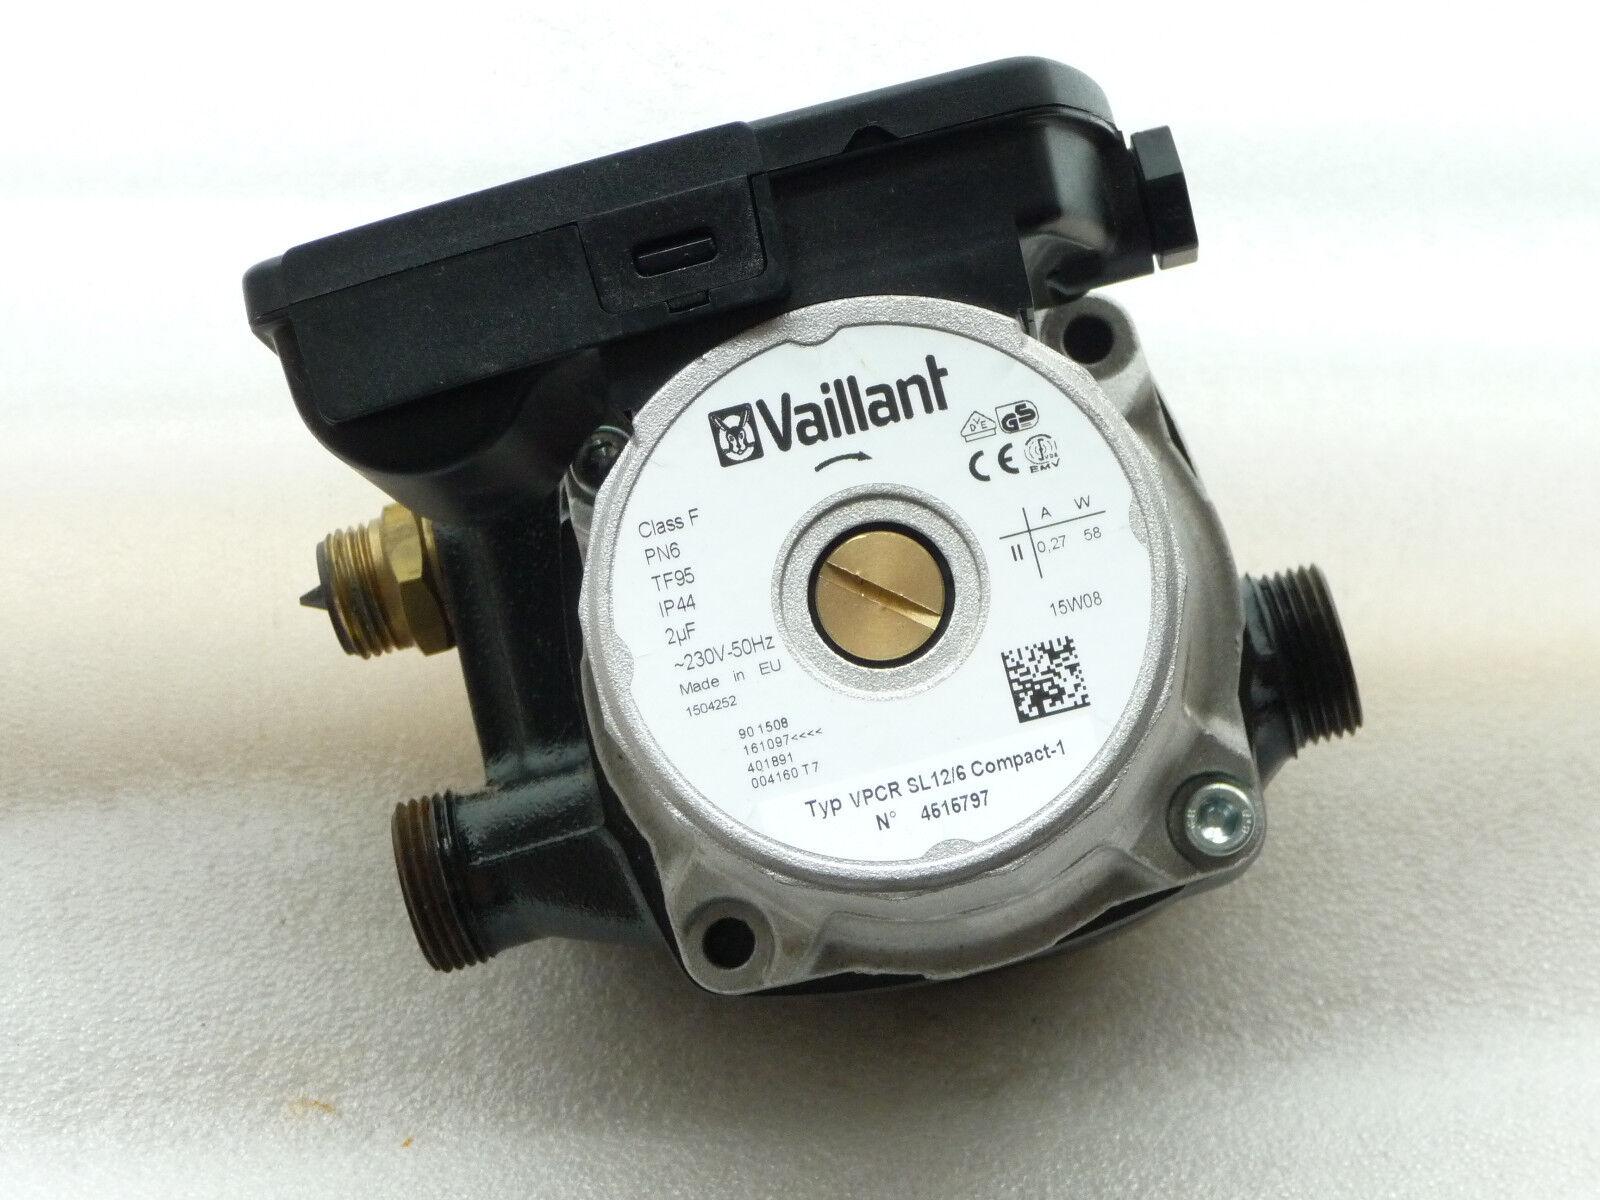 Wilo Vaillant VPCR SL 12 / 6 Heizungspumpe Heizungspumpe Heizungspumpe 140 mm  230 Volt gebraucht P58/18 a1bab1